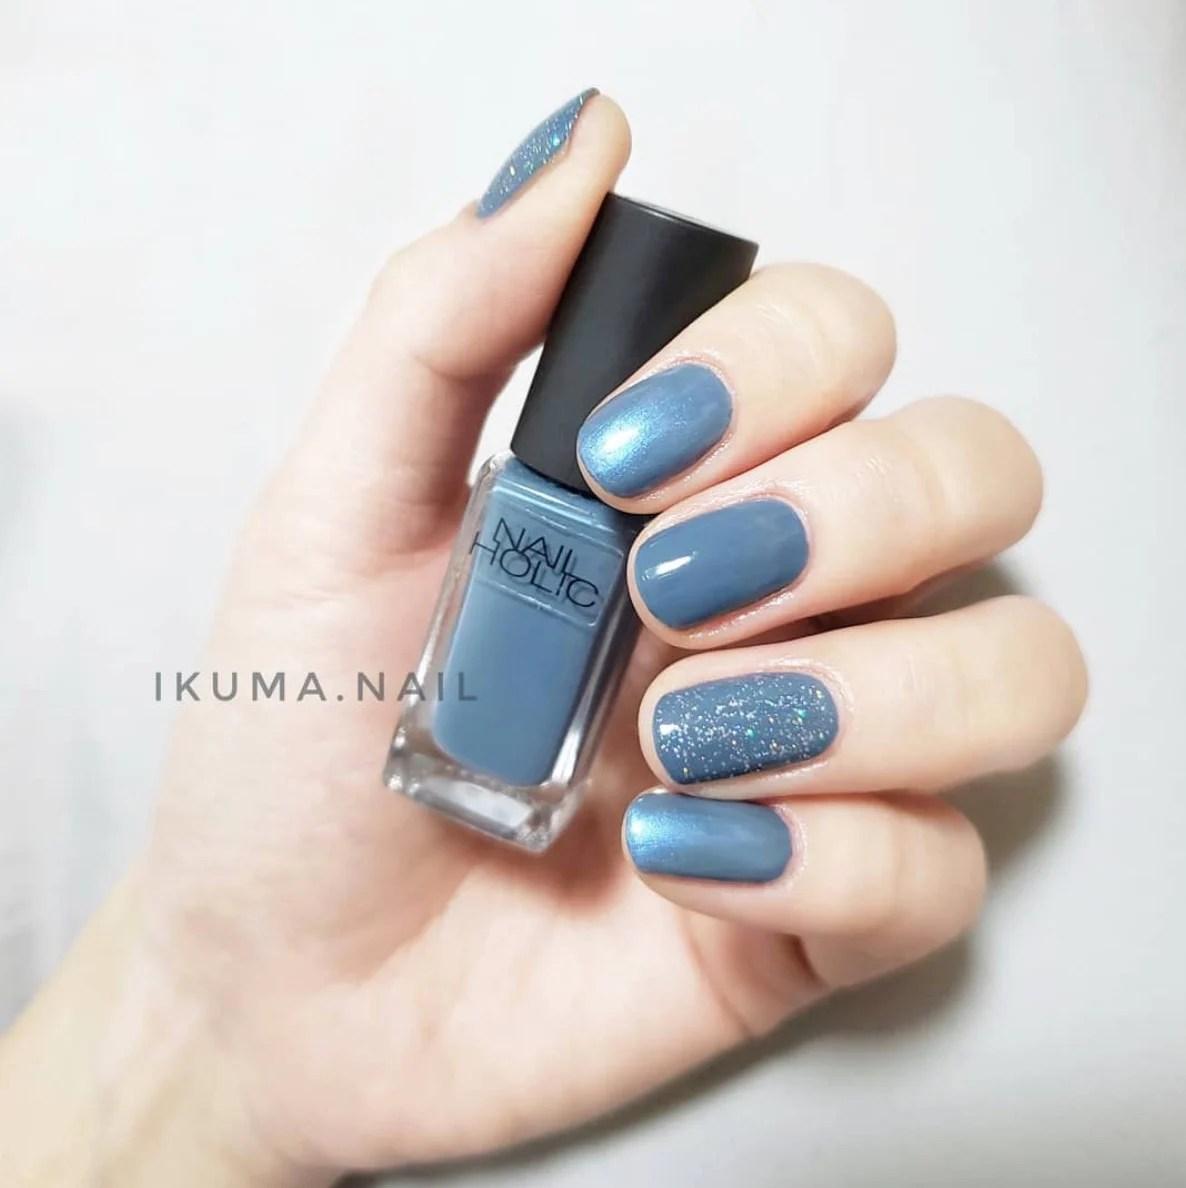 盤點6款「灰藍色美甲」仙氣爆棚!絕美「莫蘭迪色」灰霧感顯白更精緻   GirlStyle 臺灣女生日常